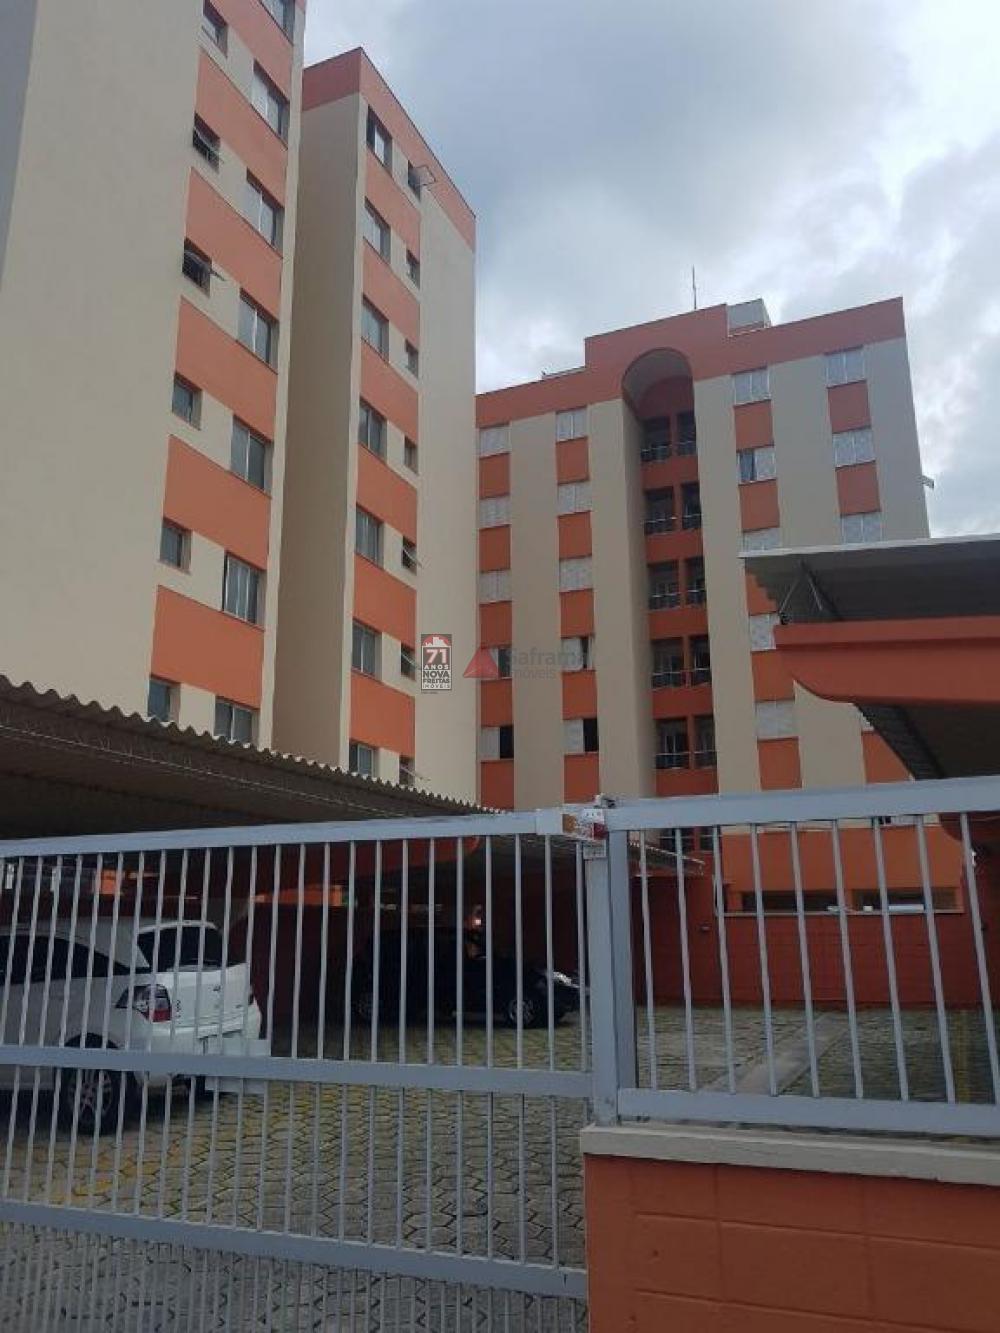 Comprar Apartamento / Padrão em Caraguatatuba R$ 300.000,00 - Foto 16